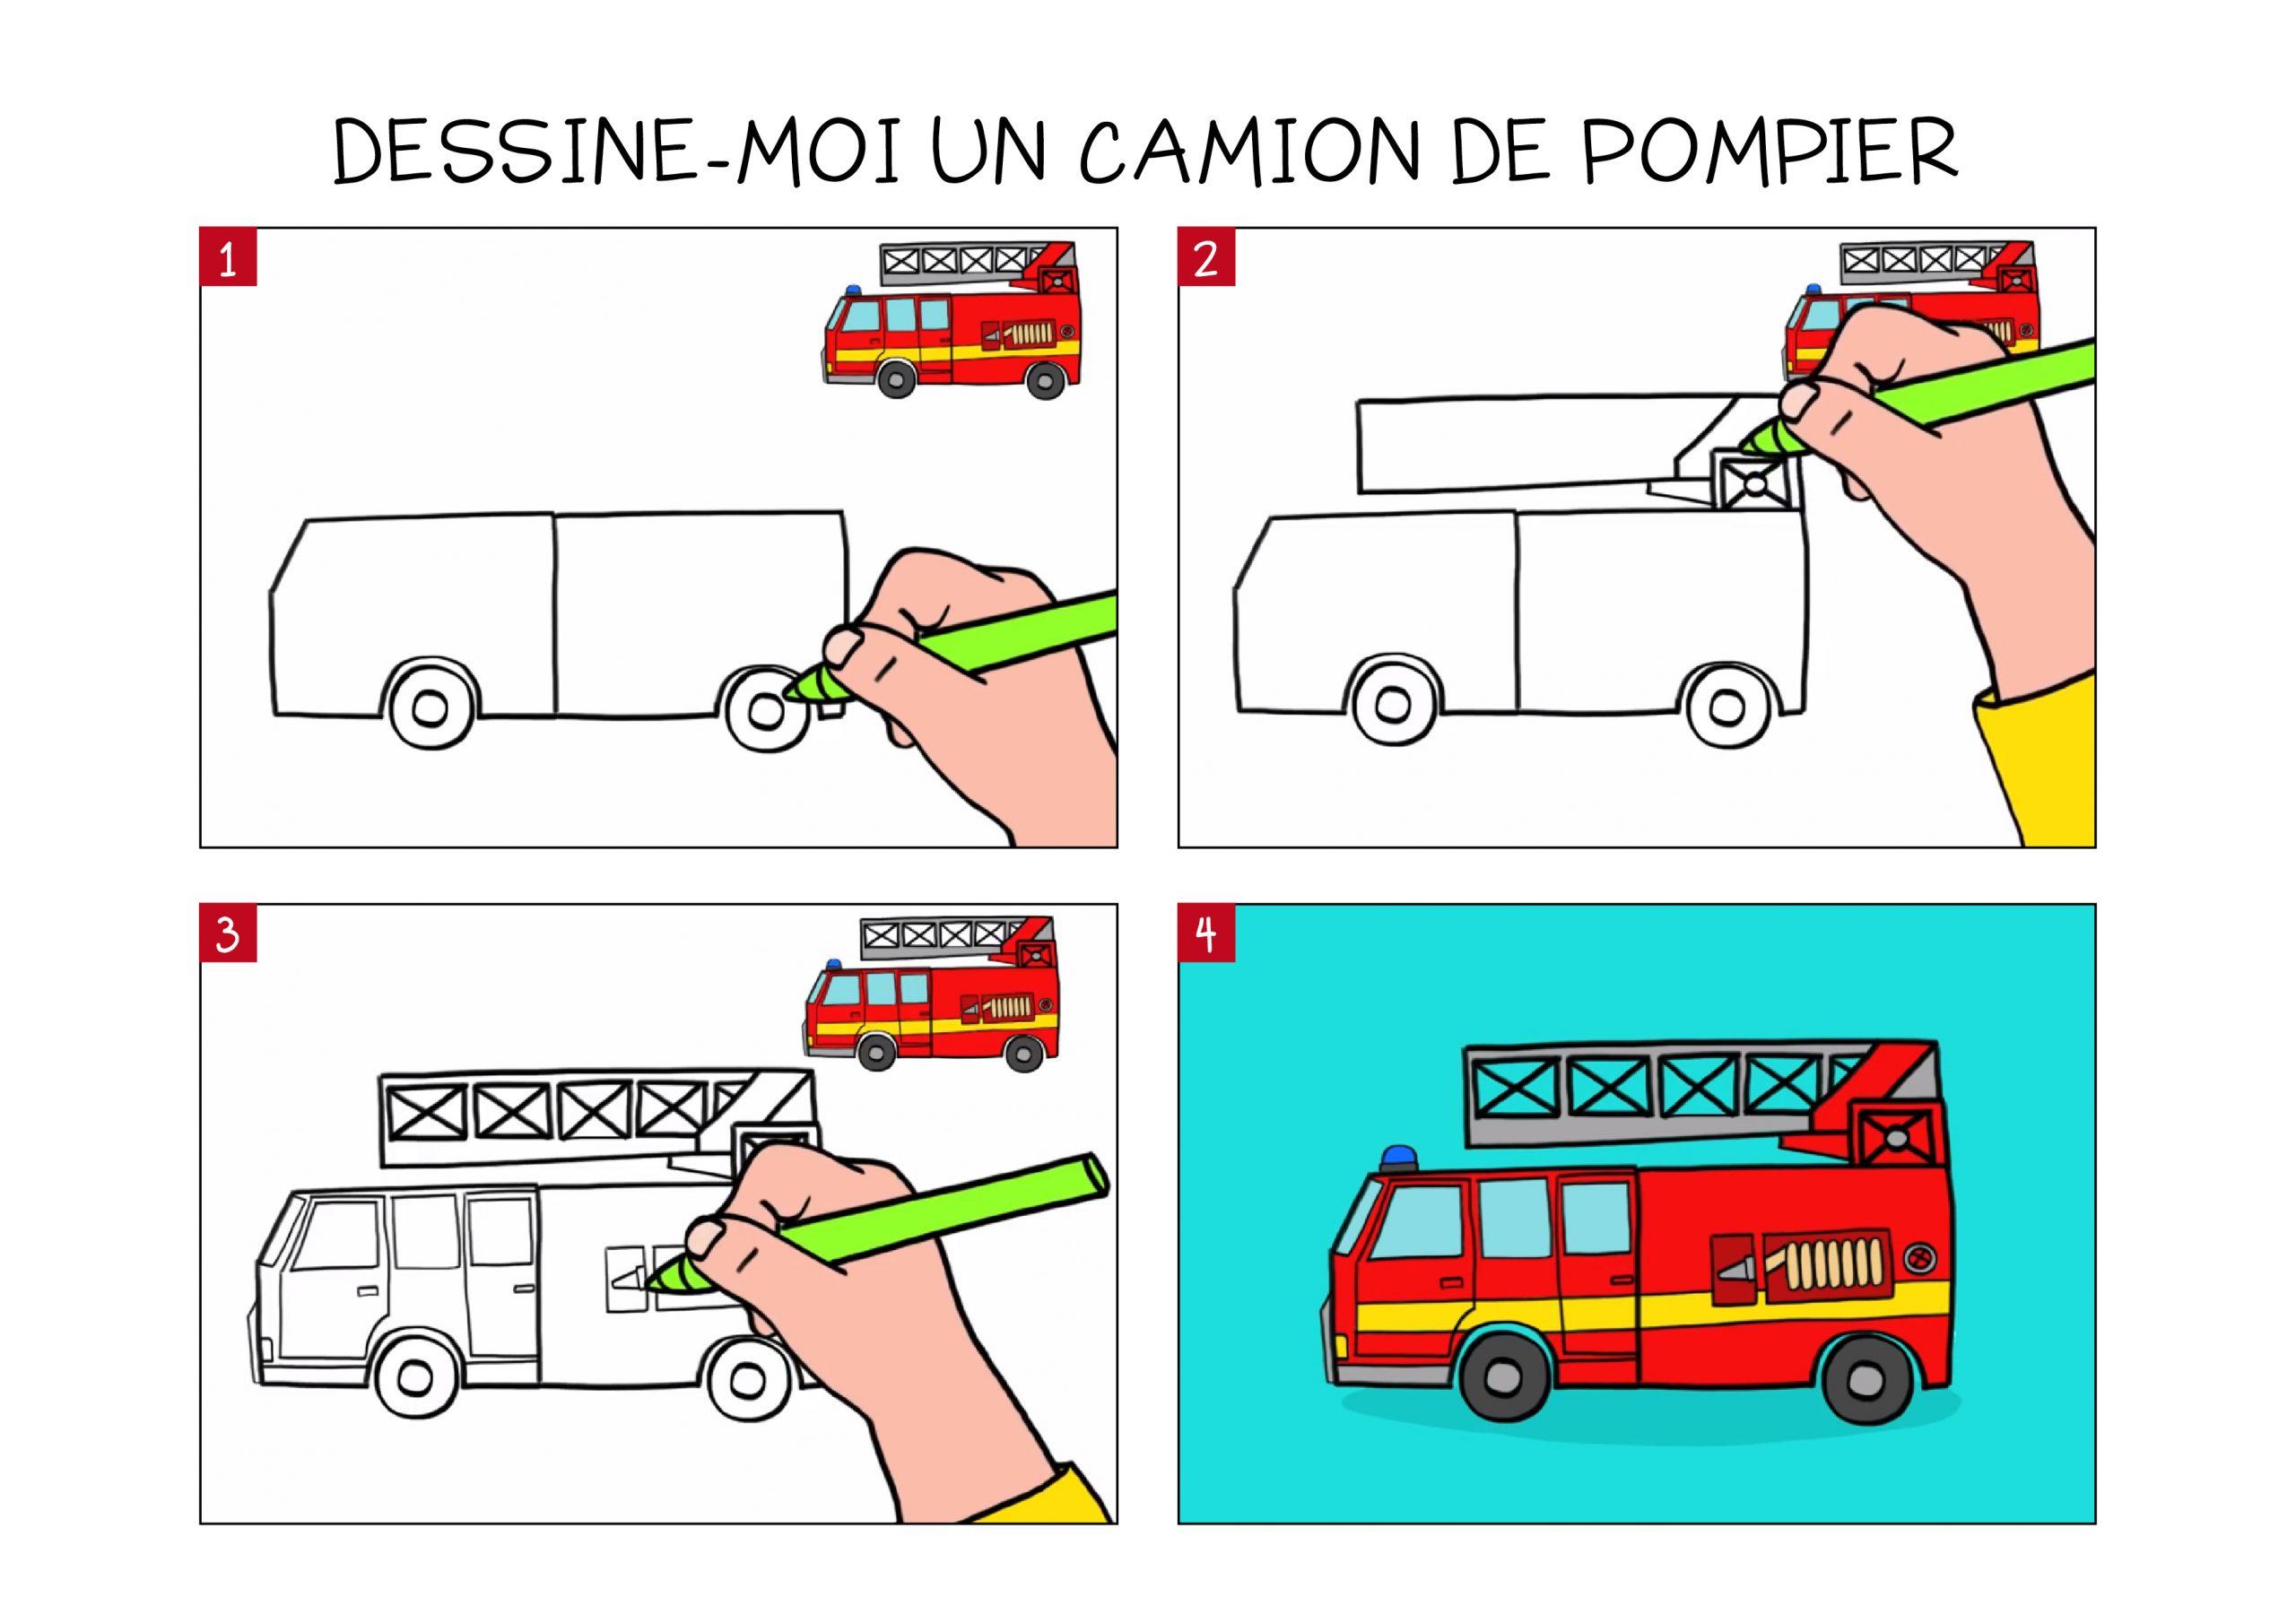 Apprendre À Dessiner Un Camion De Pompier En 3 Étapes intérieur Dessin De Pompier À Imprimer